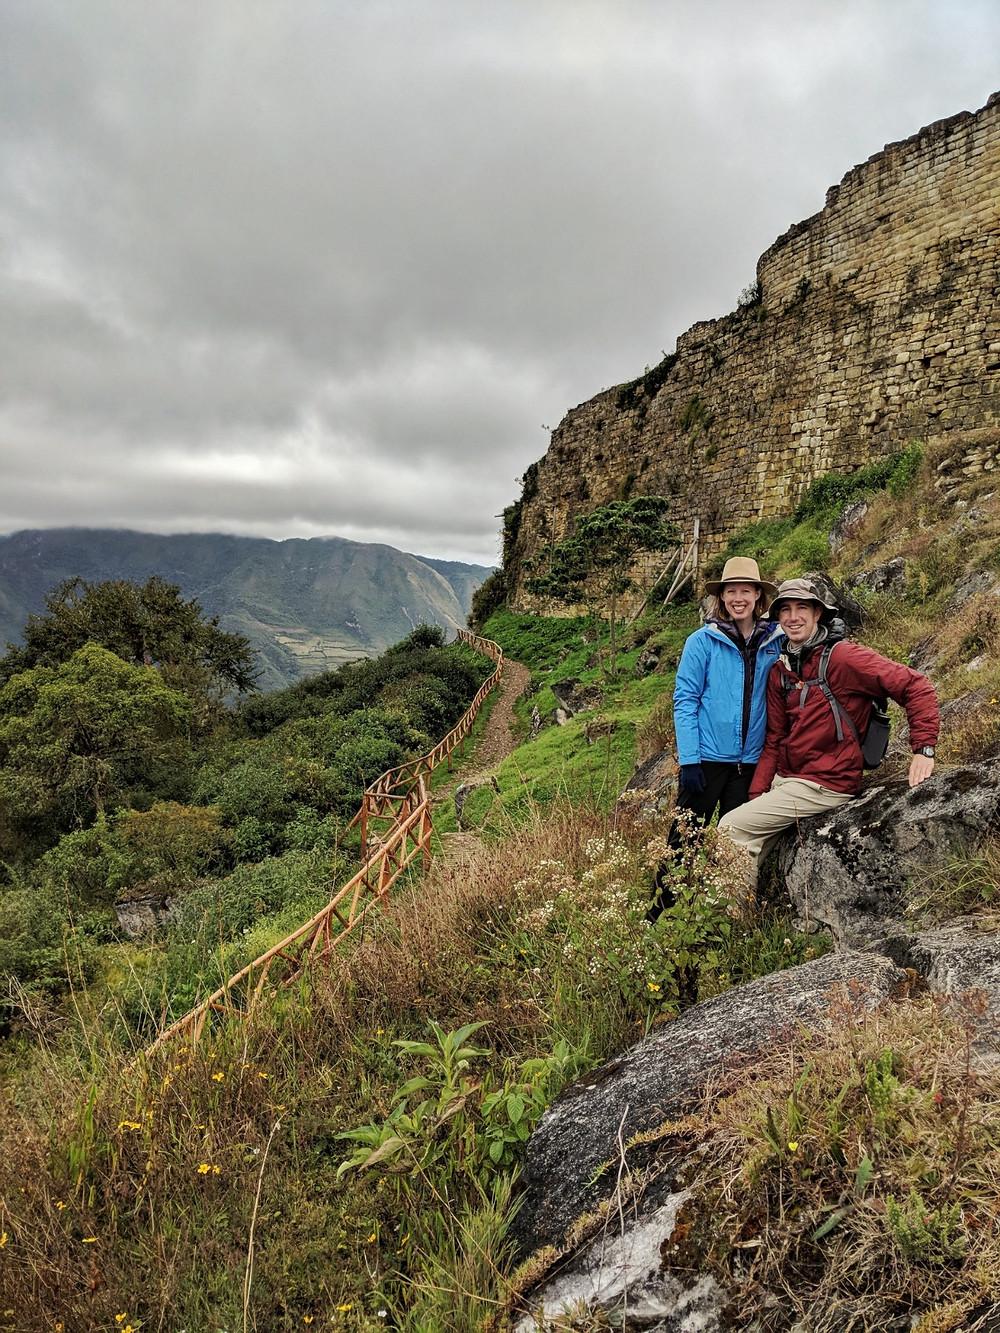 Kuelap, Chachapoyas, Peru